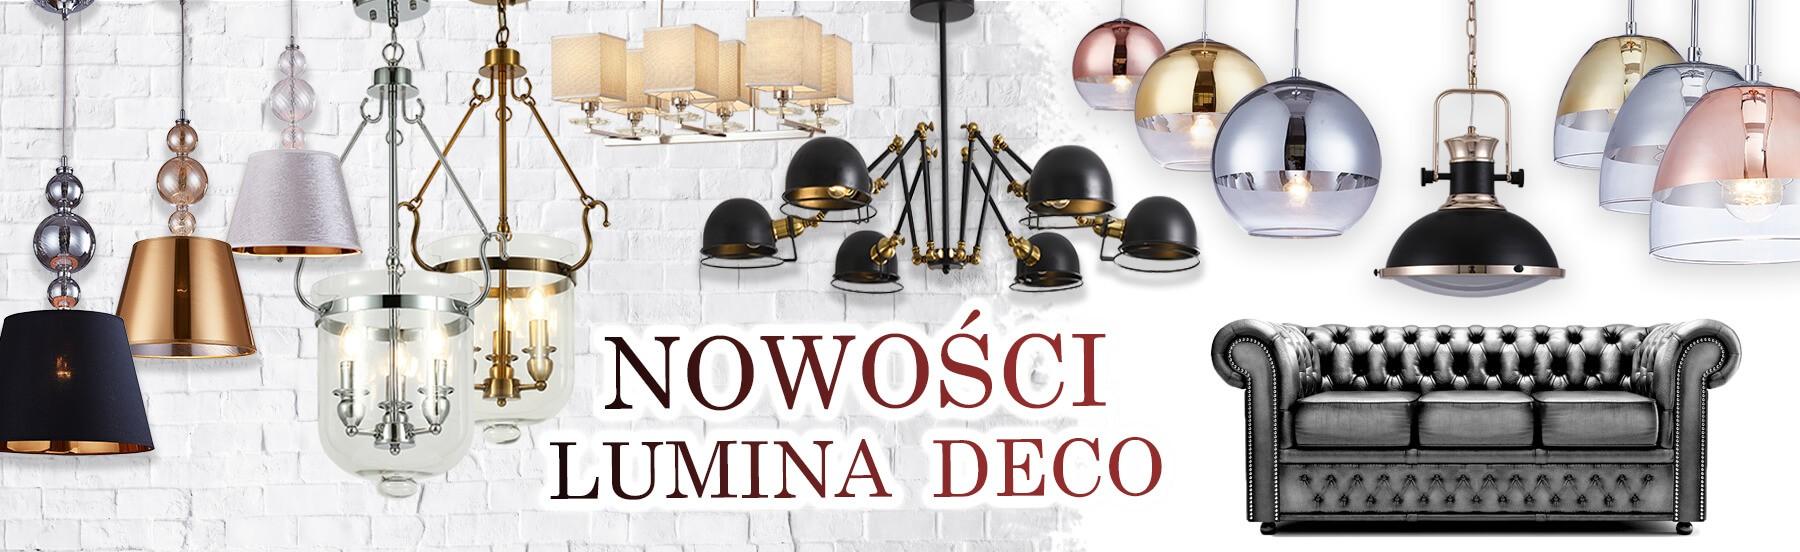 Nowa kolekcja lamp i oświetlenia Lumina Deco